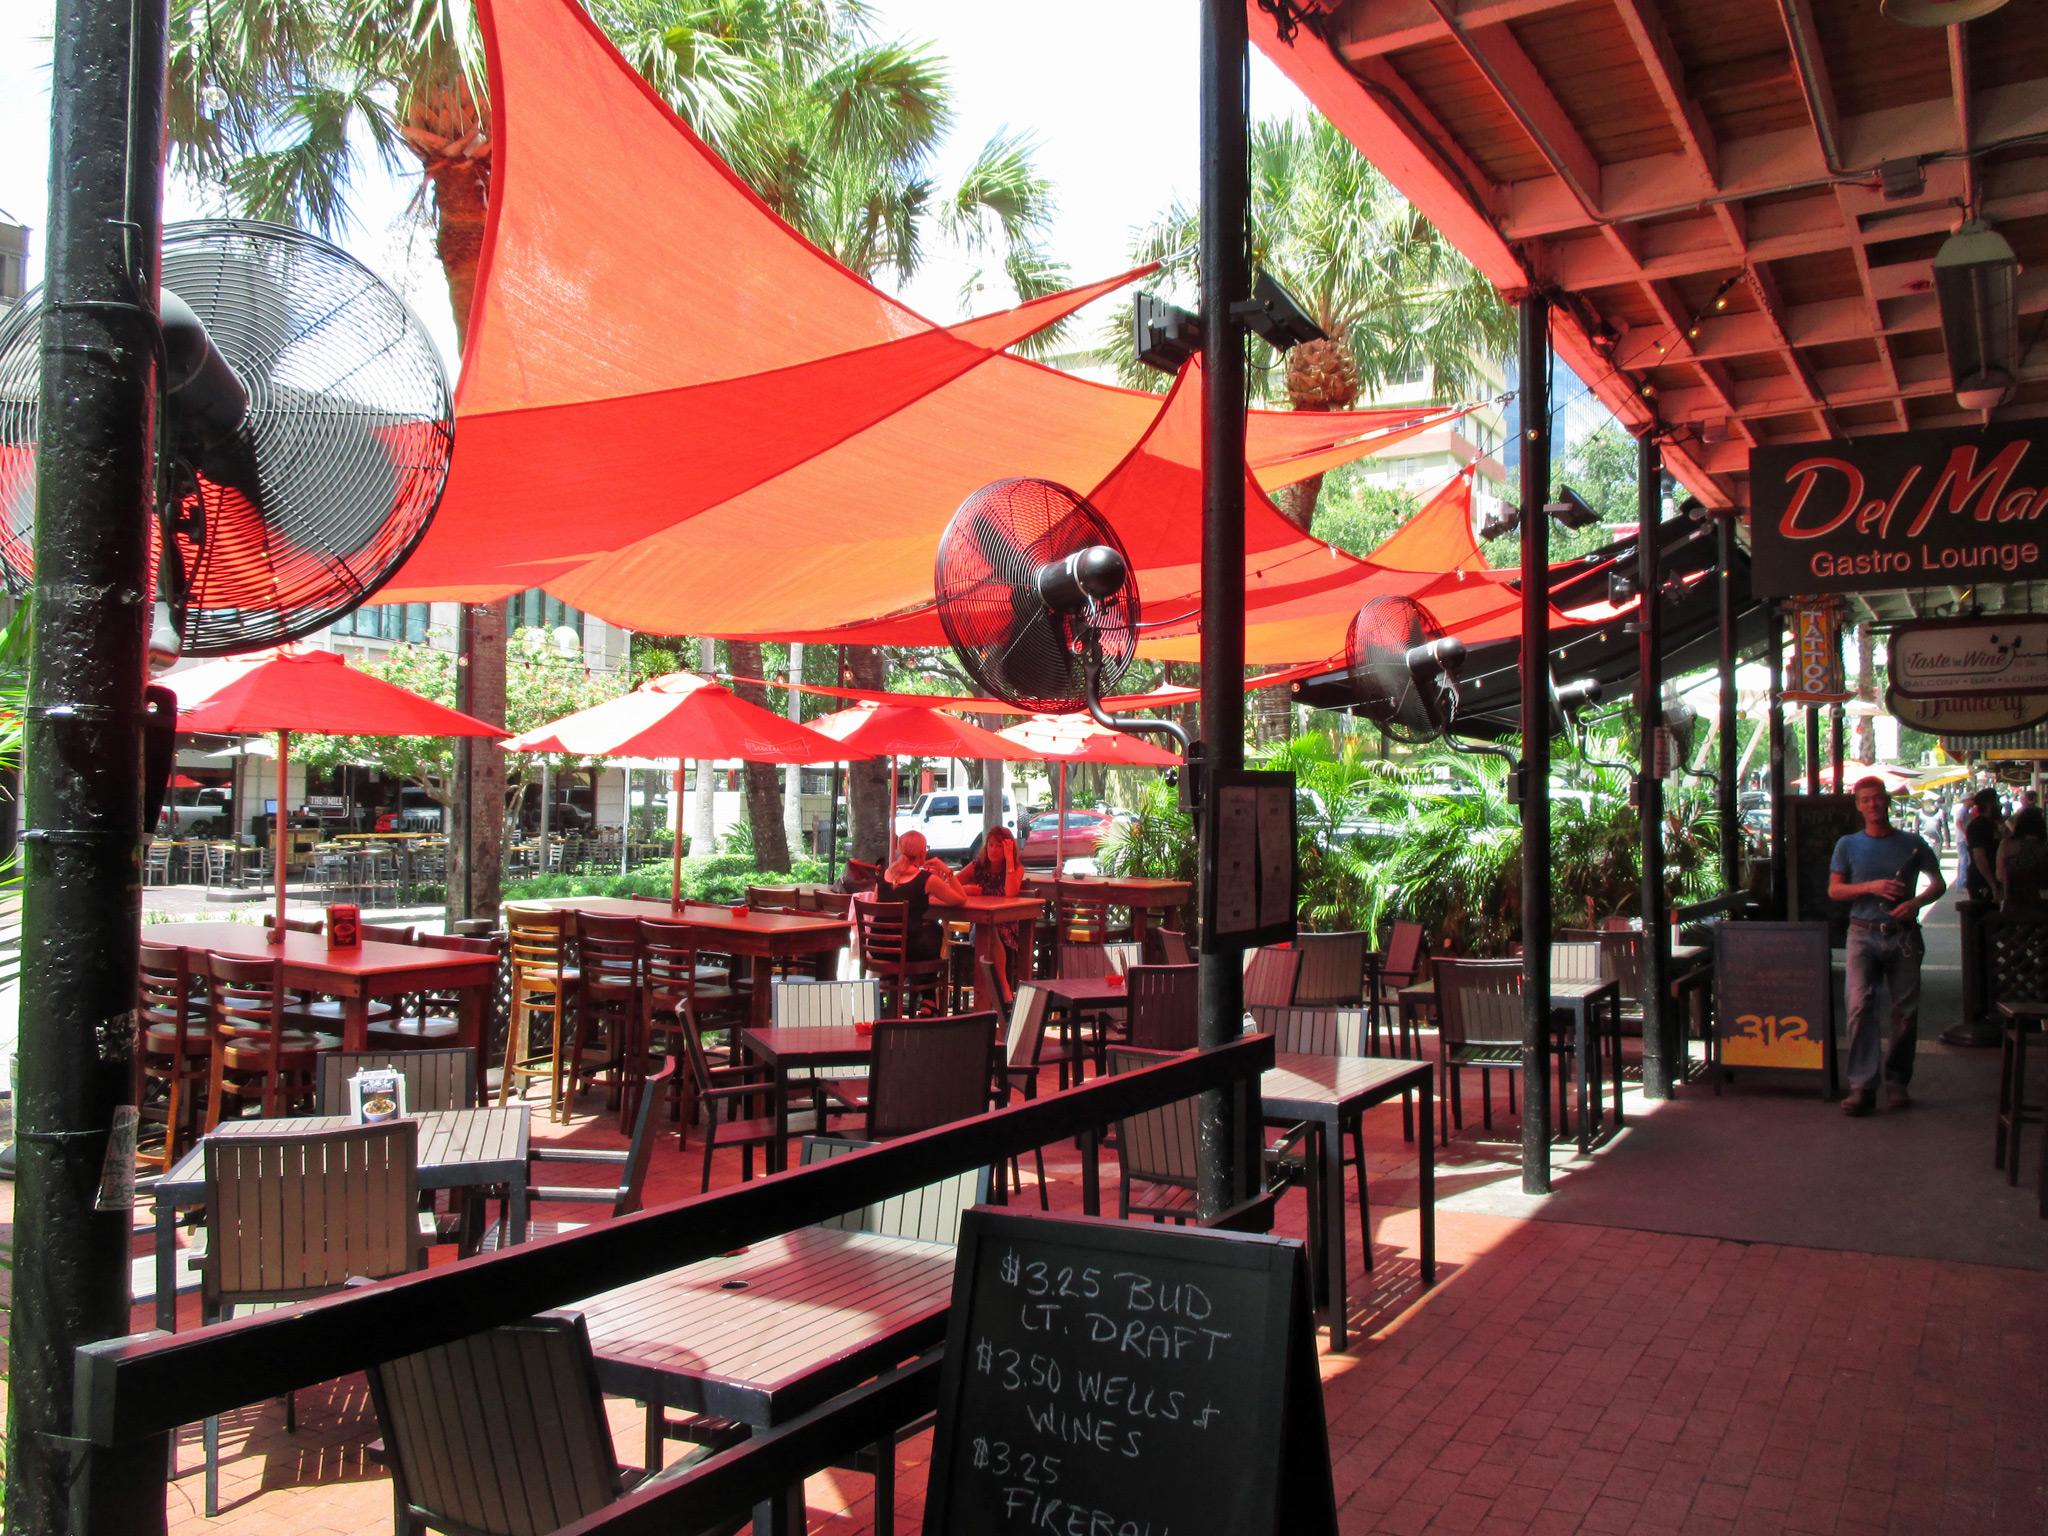 Del Mar Gastro Lounge